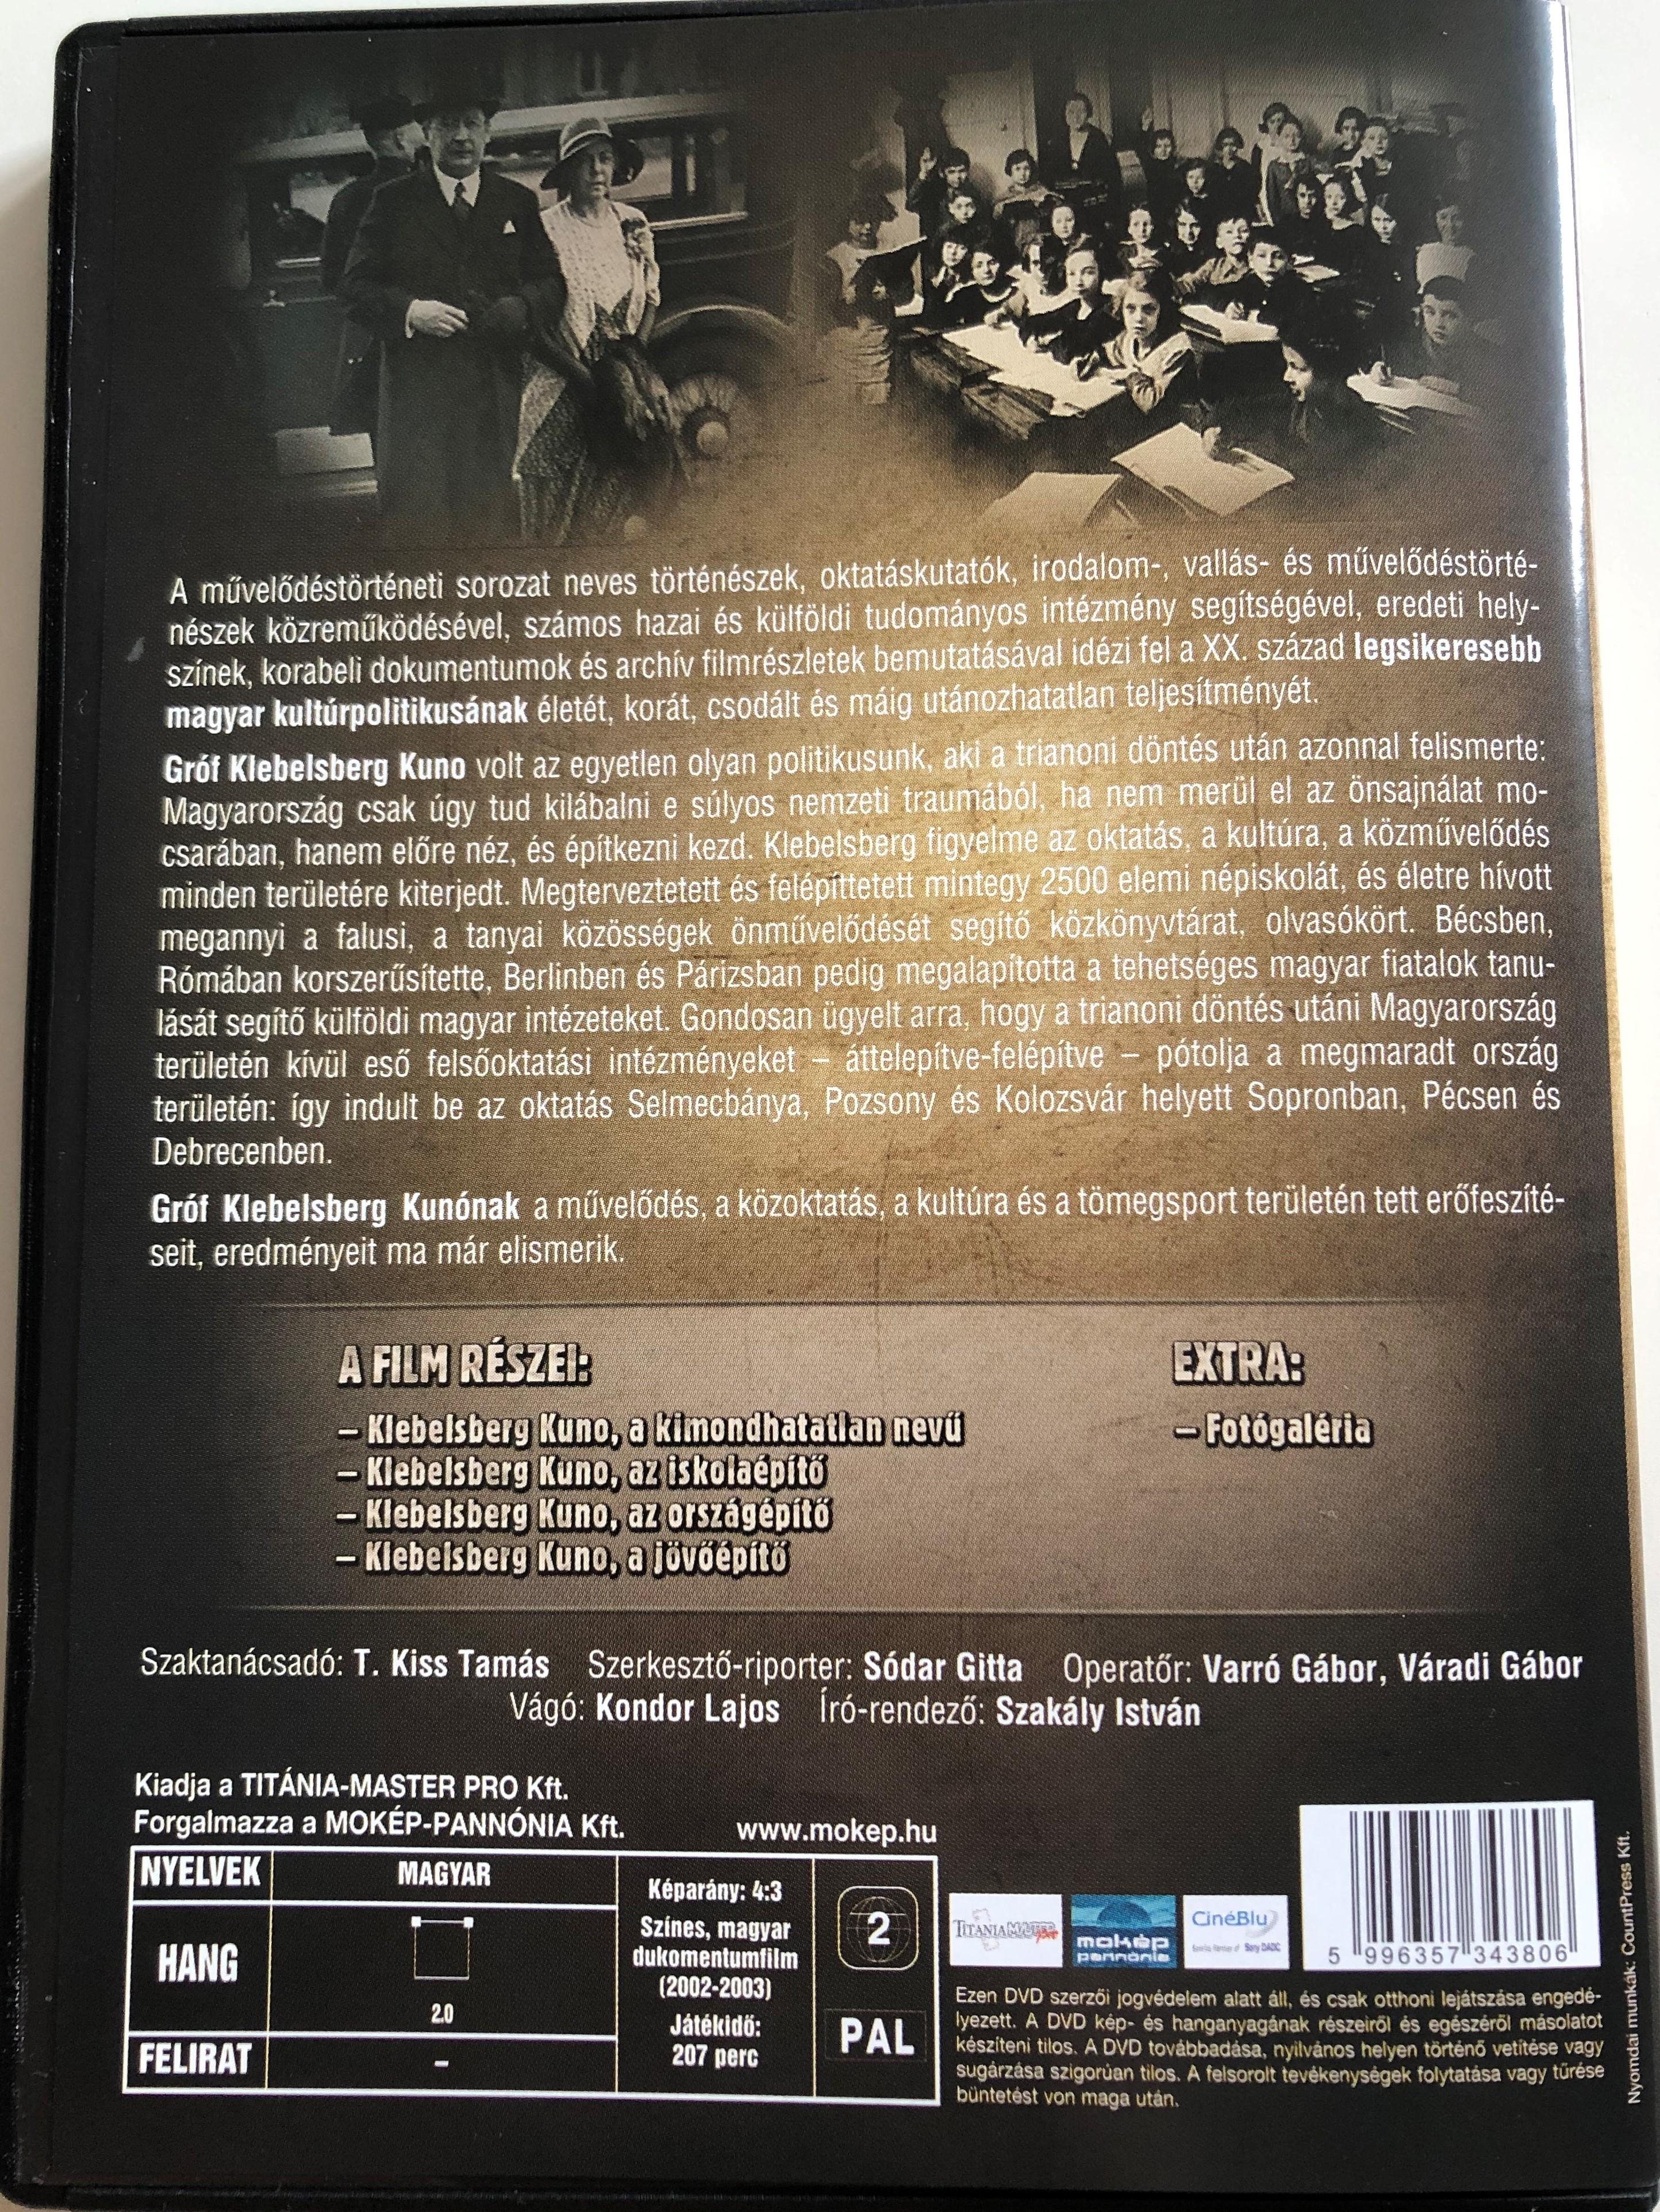 klebelsberg-kuno-a-kultuszminiszter-dvd-2003-kuno-von-klebelsberg-the-minister-of-culture-directed-by-szak-ly-istv-n-hungarian-documentary-2-.jpg